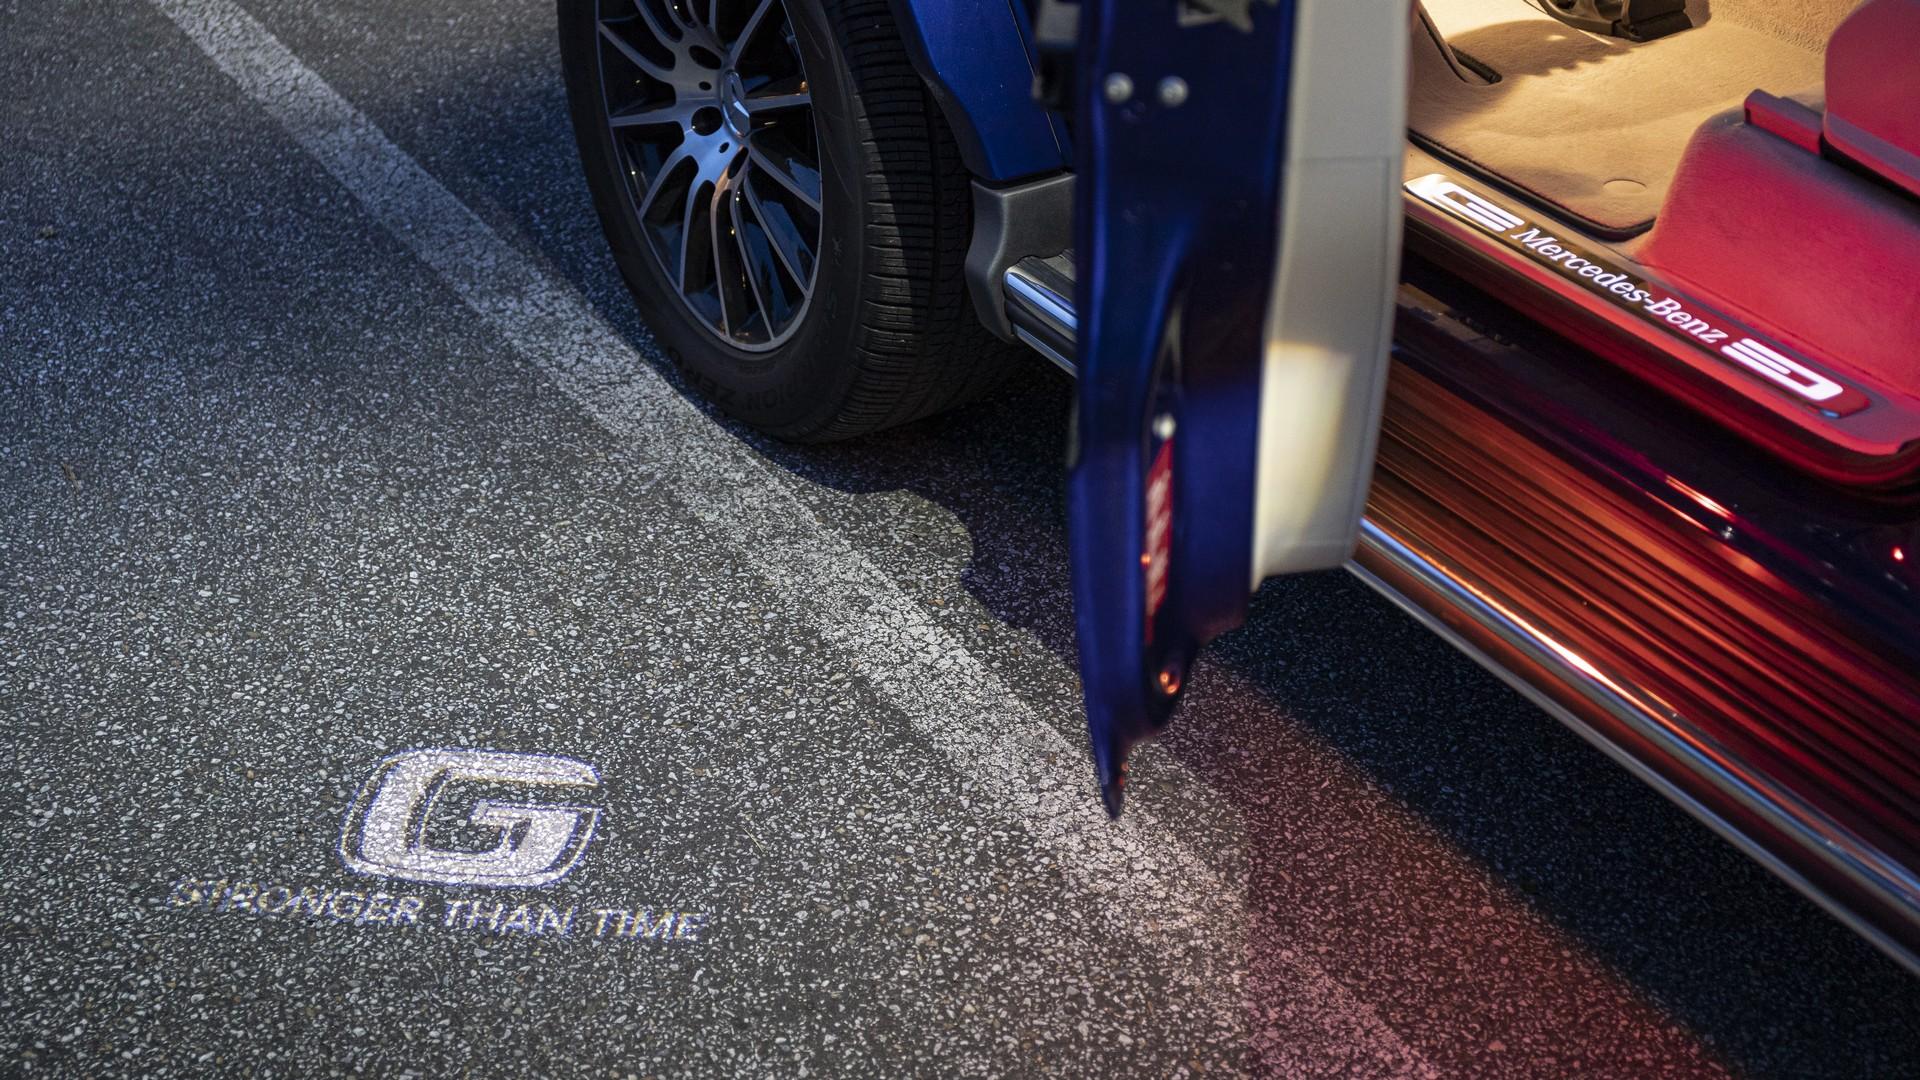 """Mercedes G-Class phiên bản đặc biệt """"Stronger Than Time"""" kỷ niệm 40 năm - 15"""